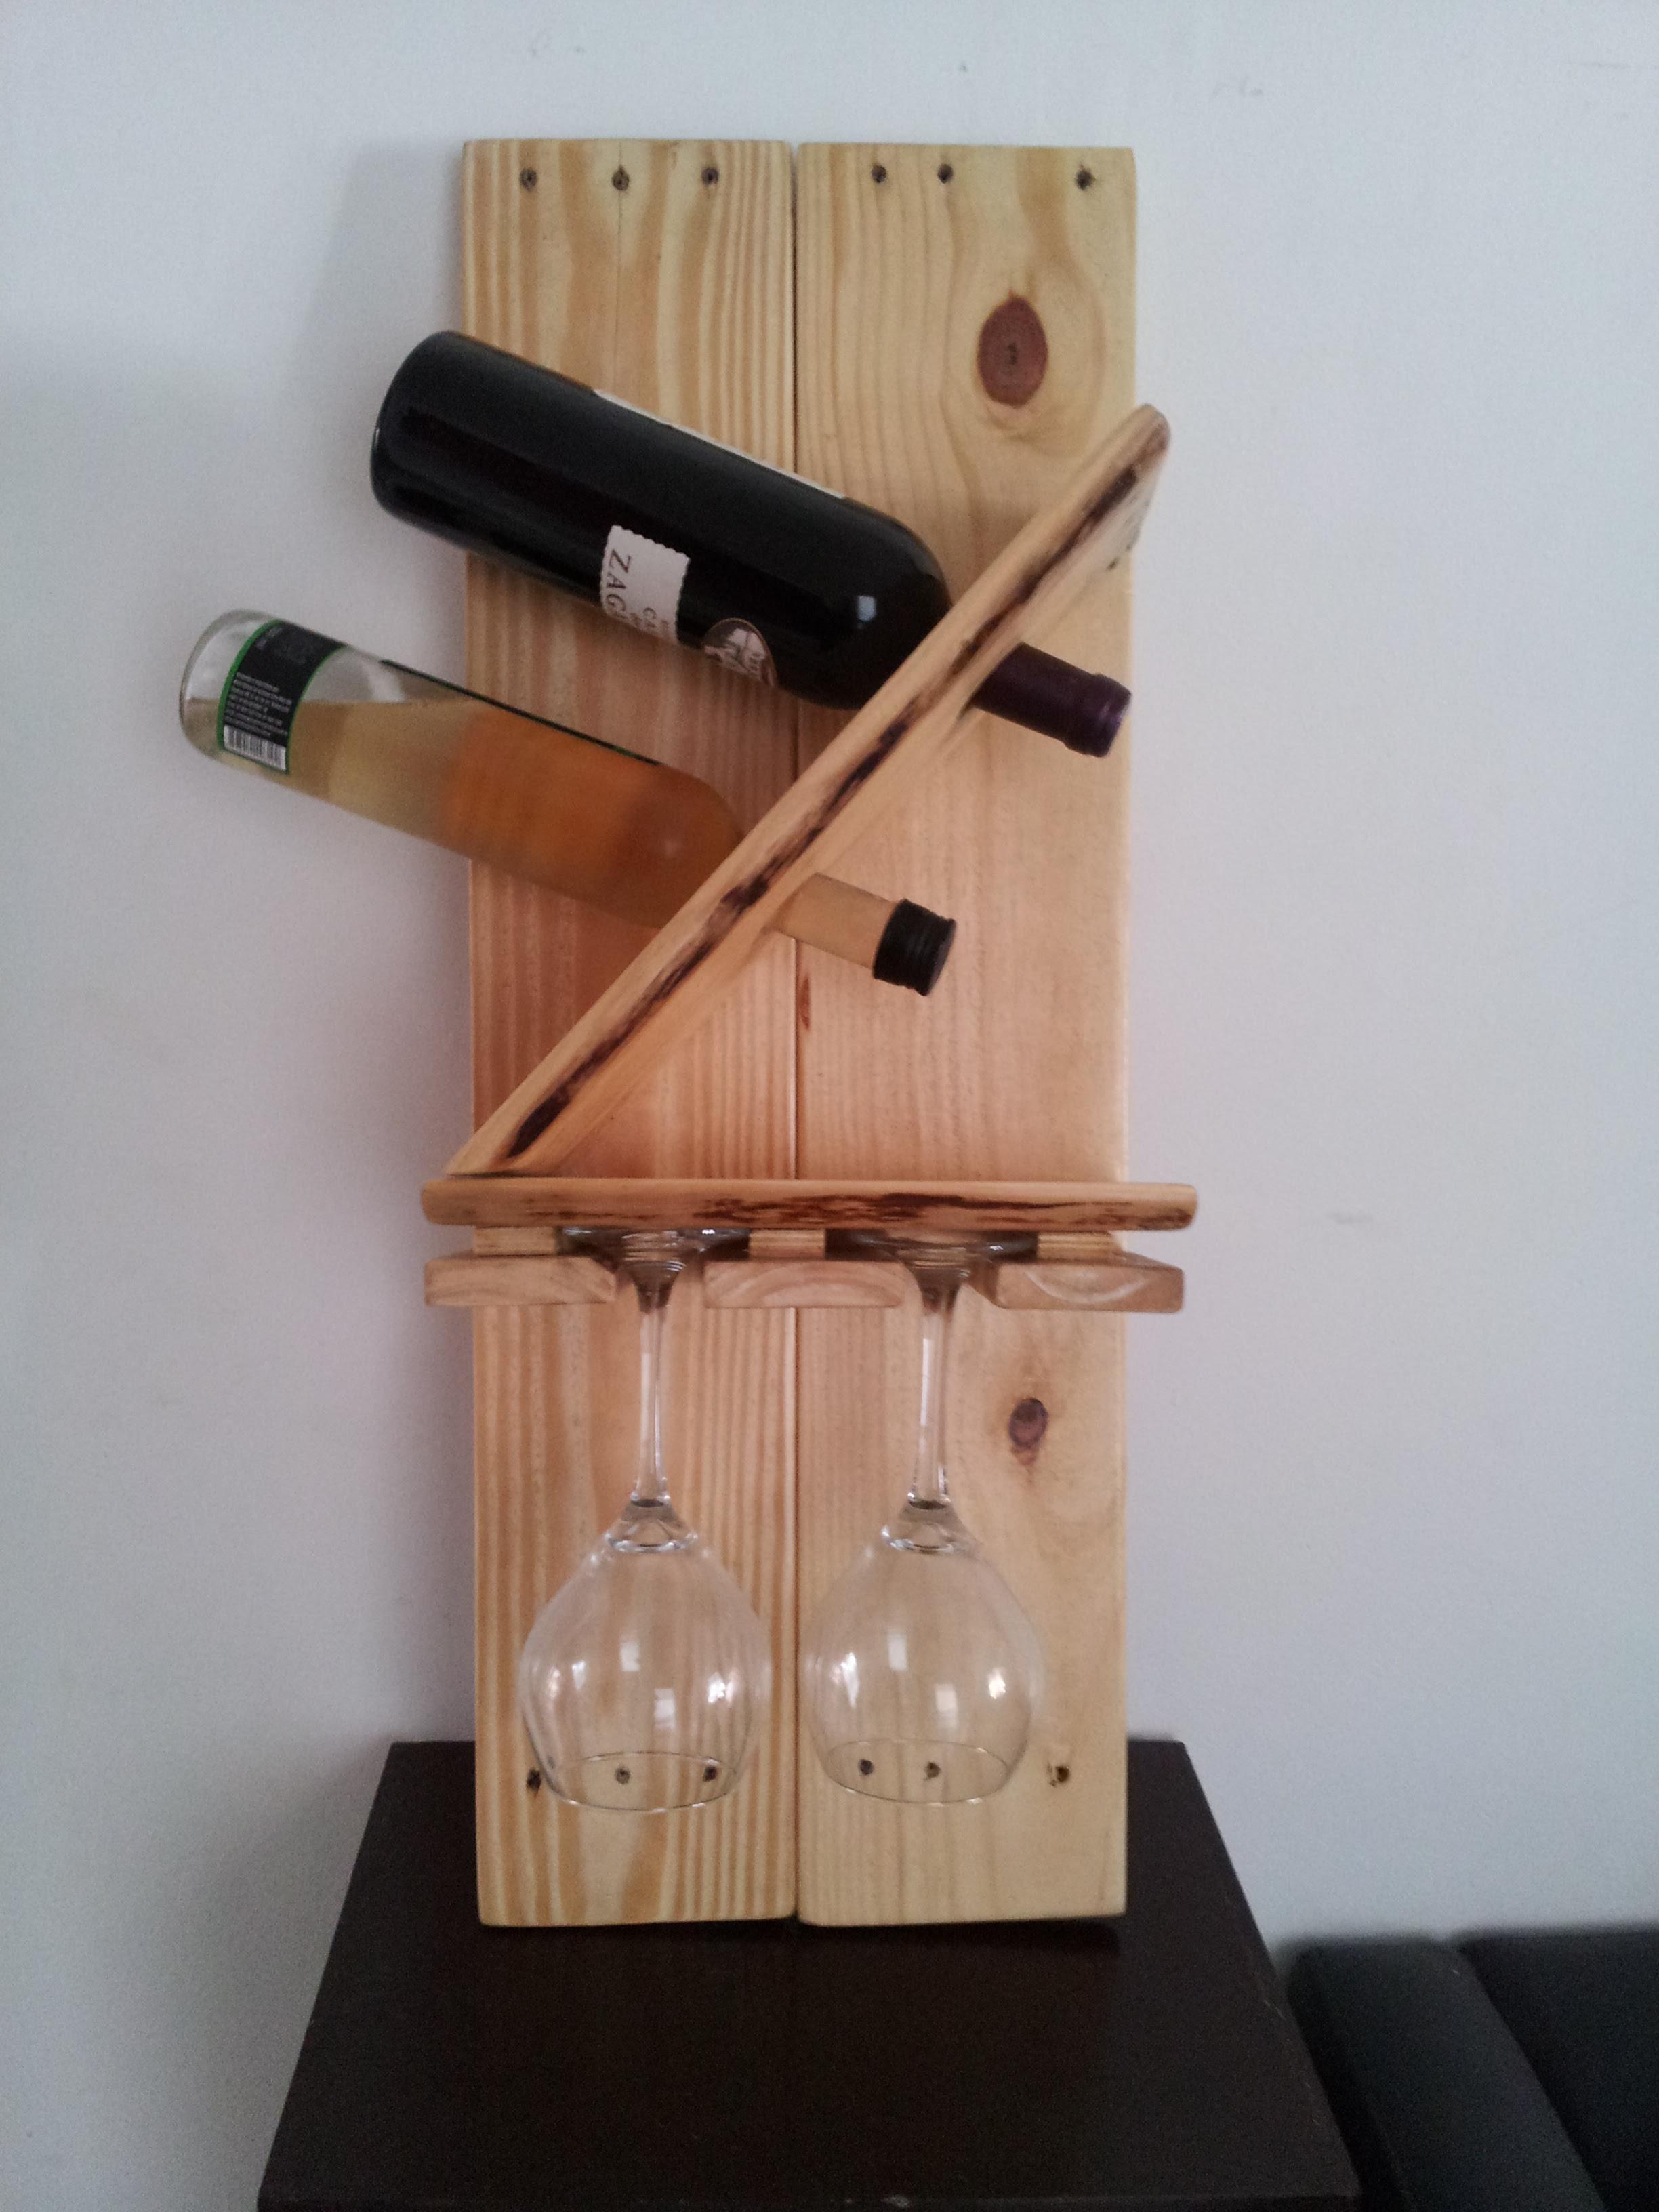 Descarte de sobras de marcenaria porta vinhos